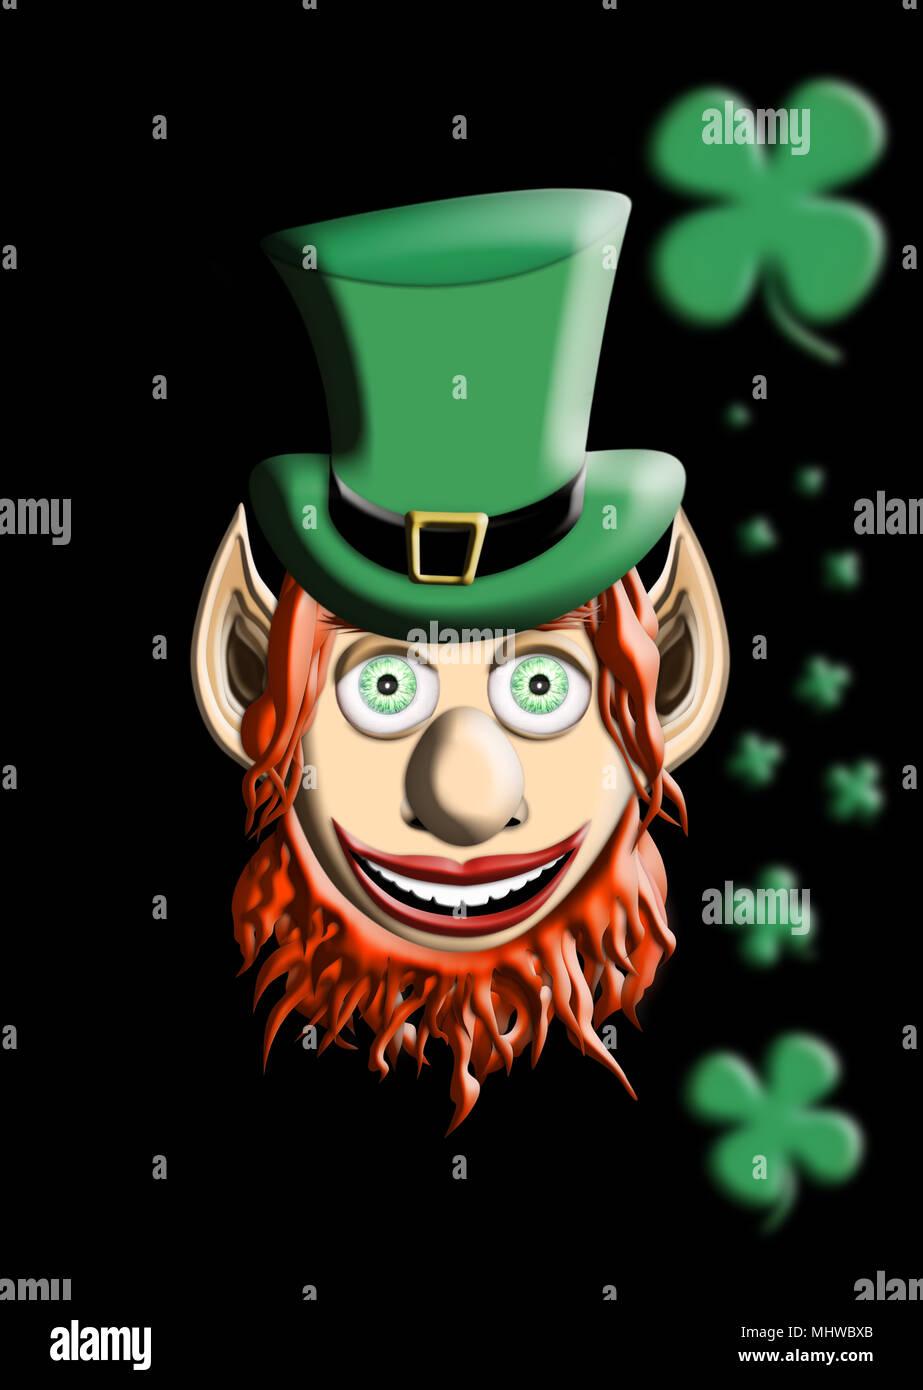 El Día de San Patricio. Duende Con sombrero verde aislado de trébol de  cuatro hojas sobre fondo negro 3D ilustración 1e3ce55a248